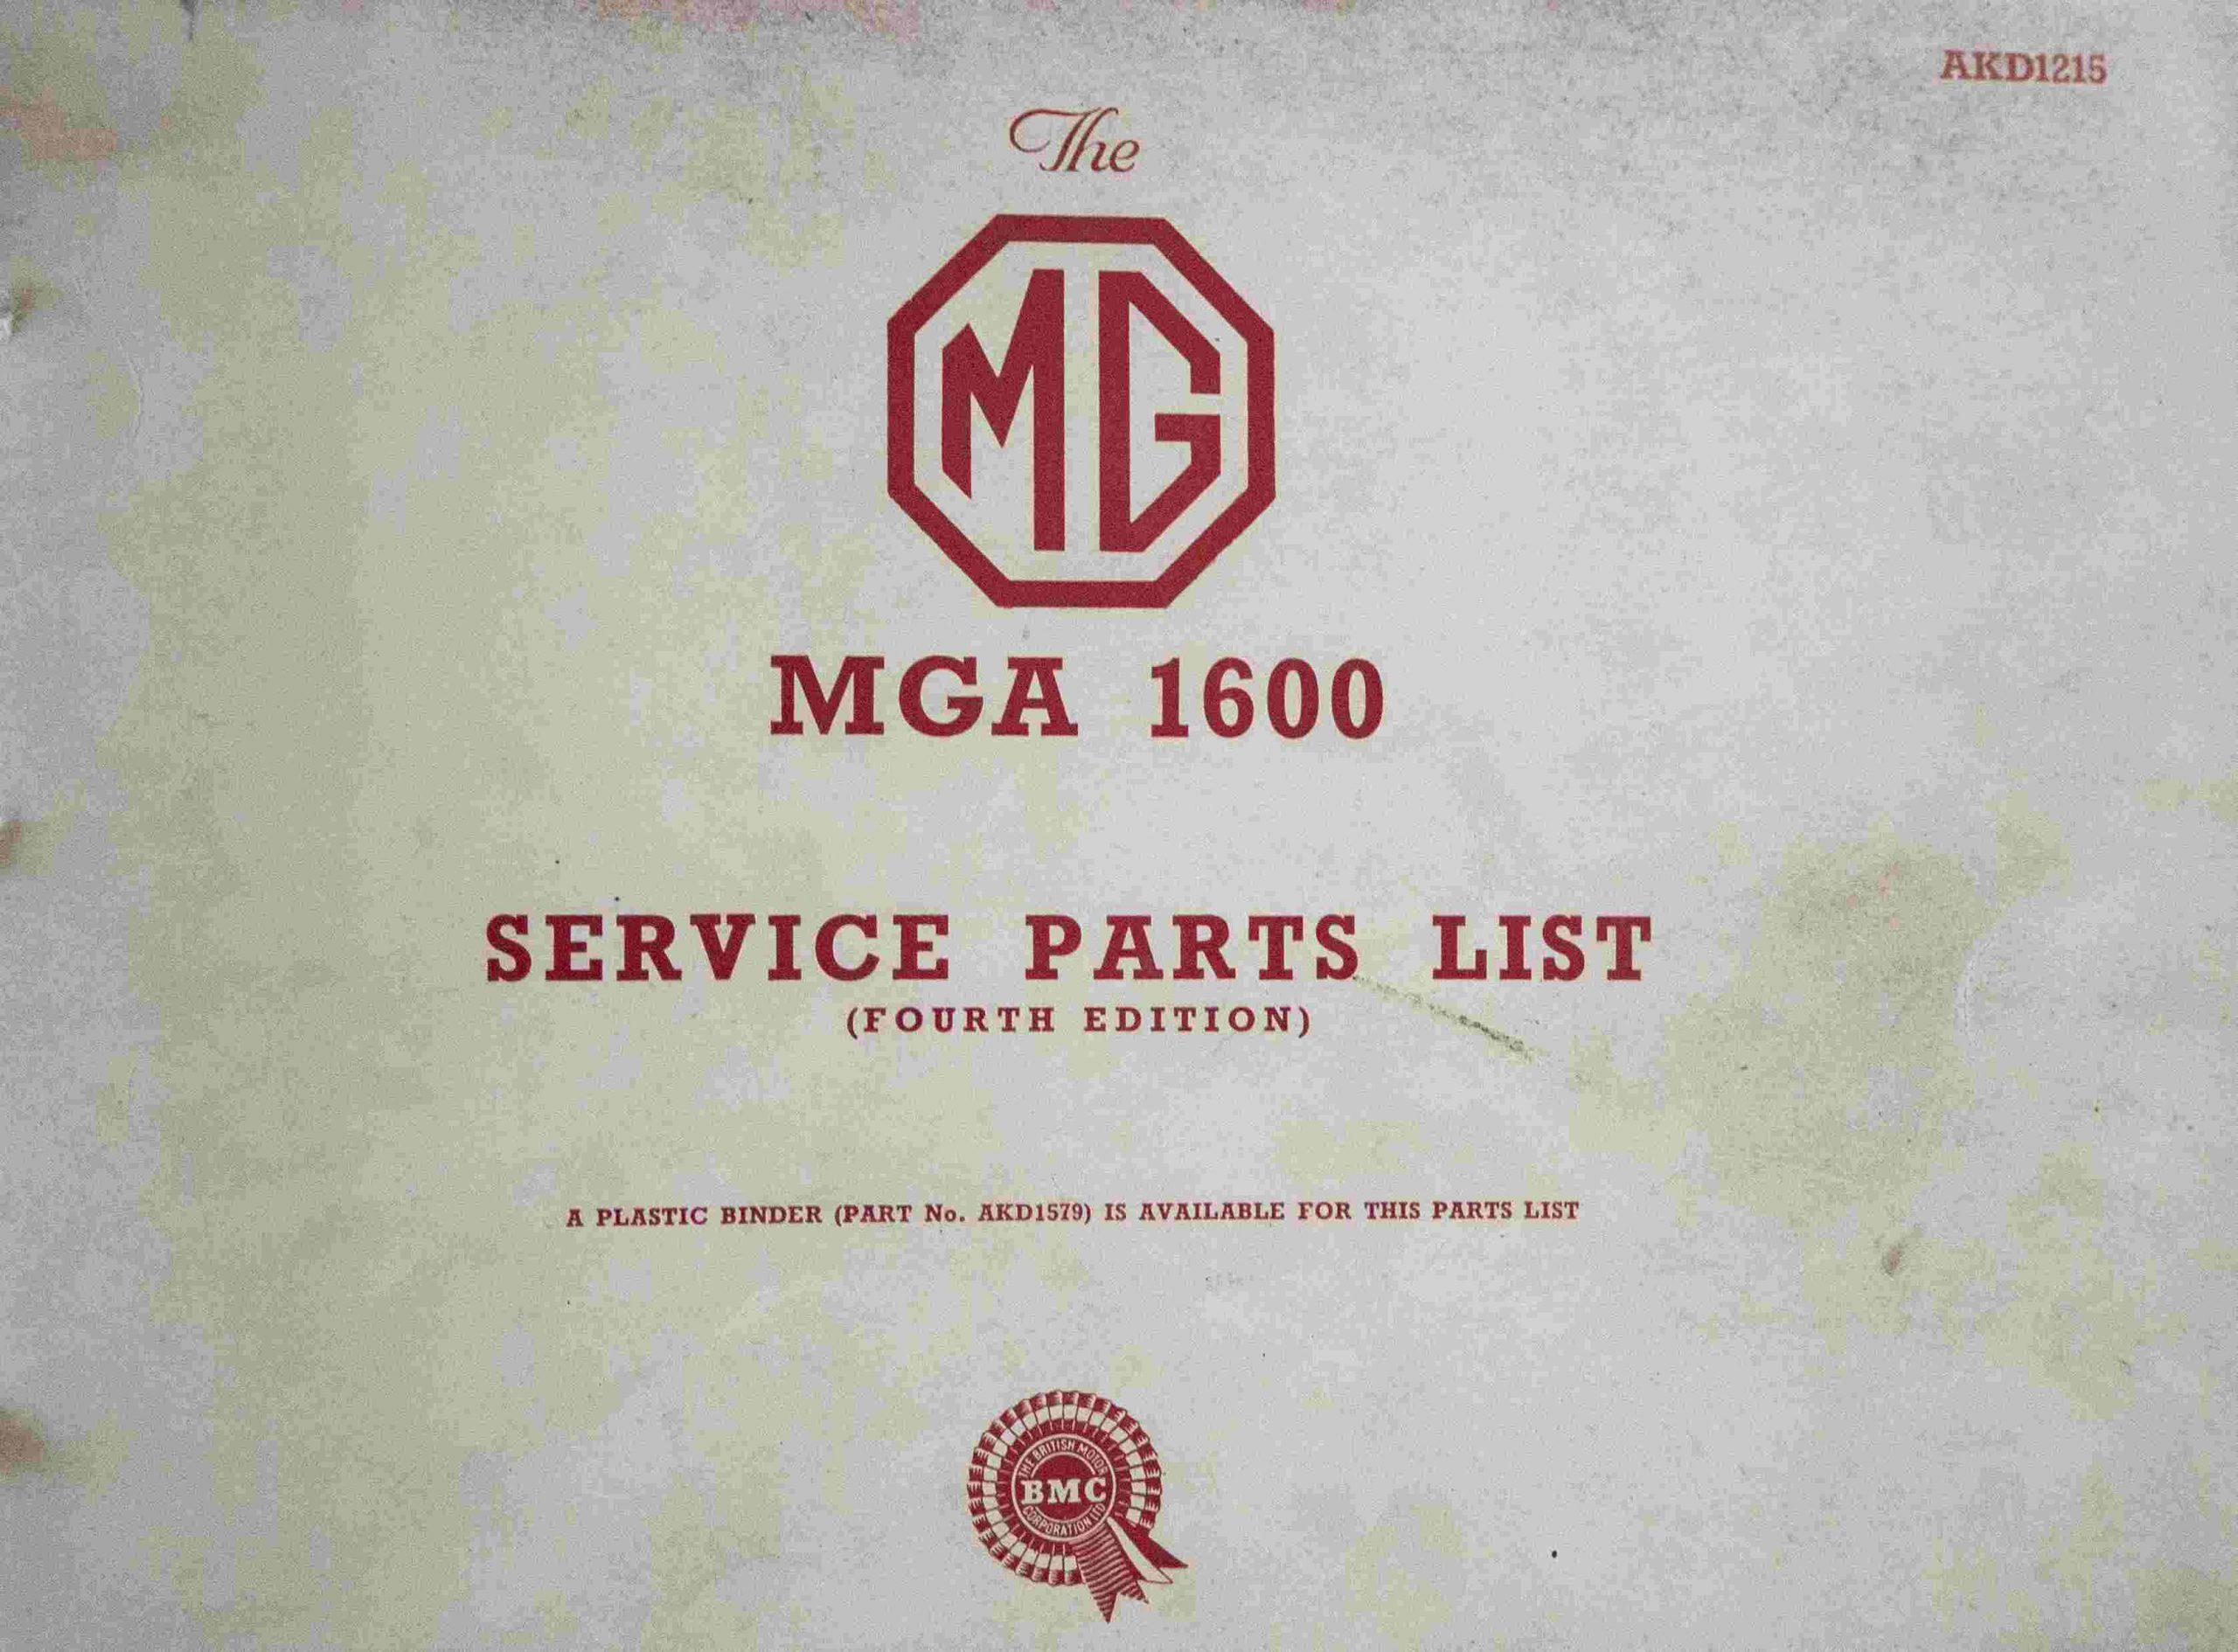 MGA 1600 Service Parts List